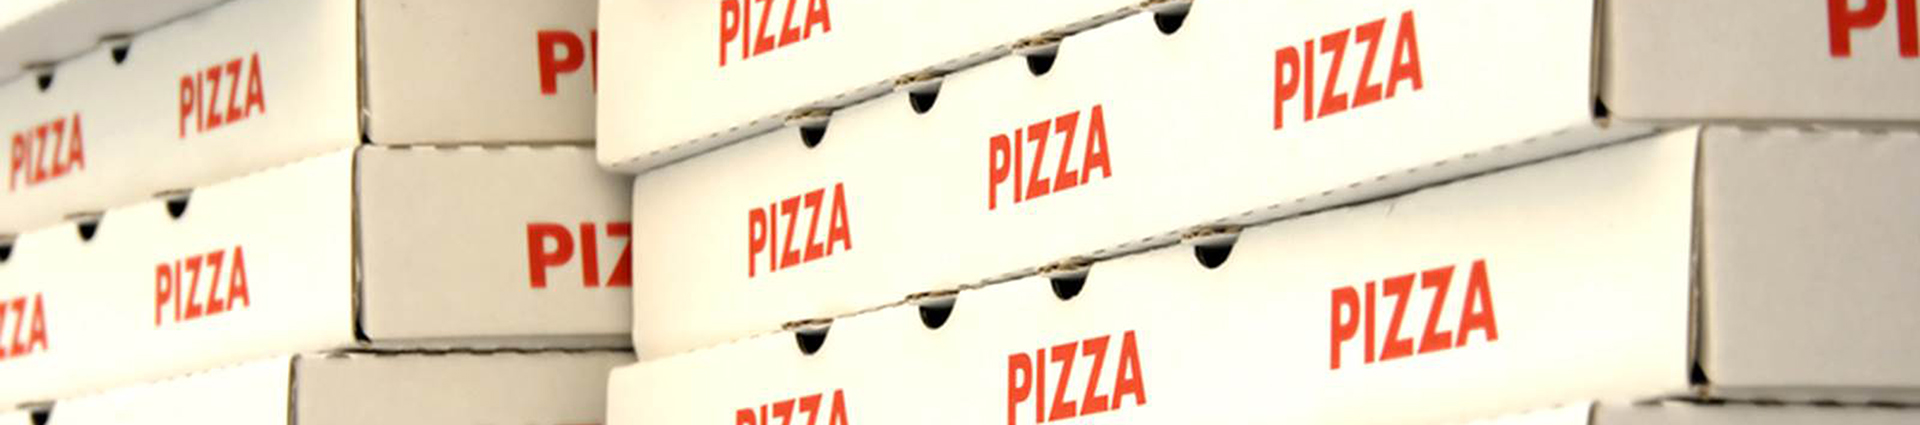 Pizzakartons